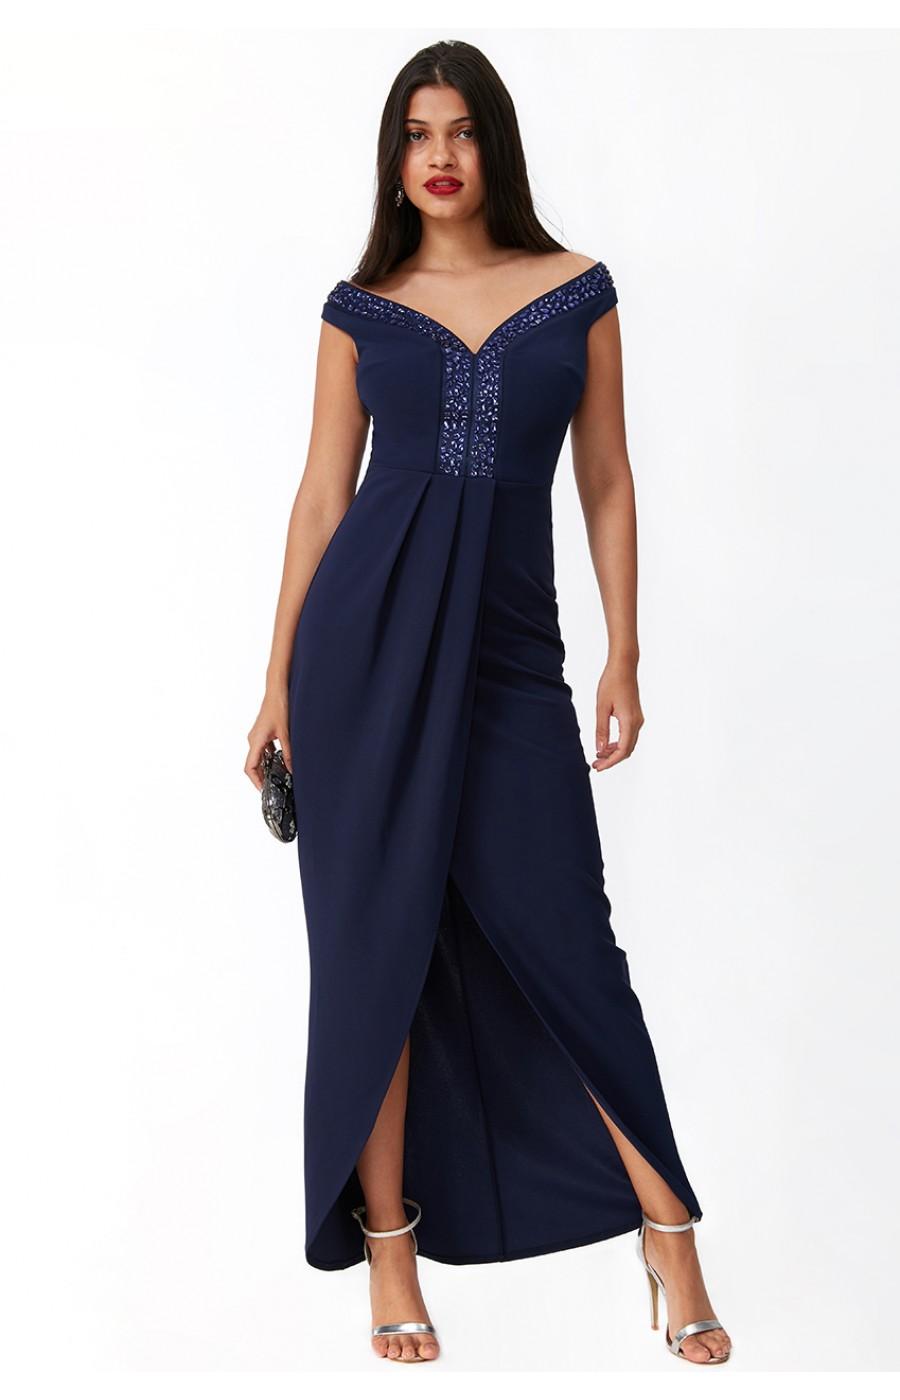 Σκούρο μπλέ φόρεμα με κεντημα στο λαιμό